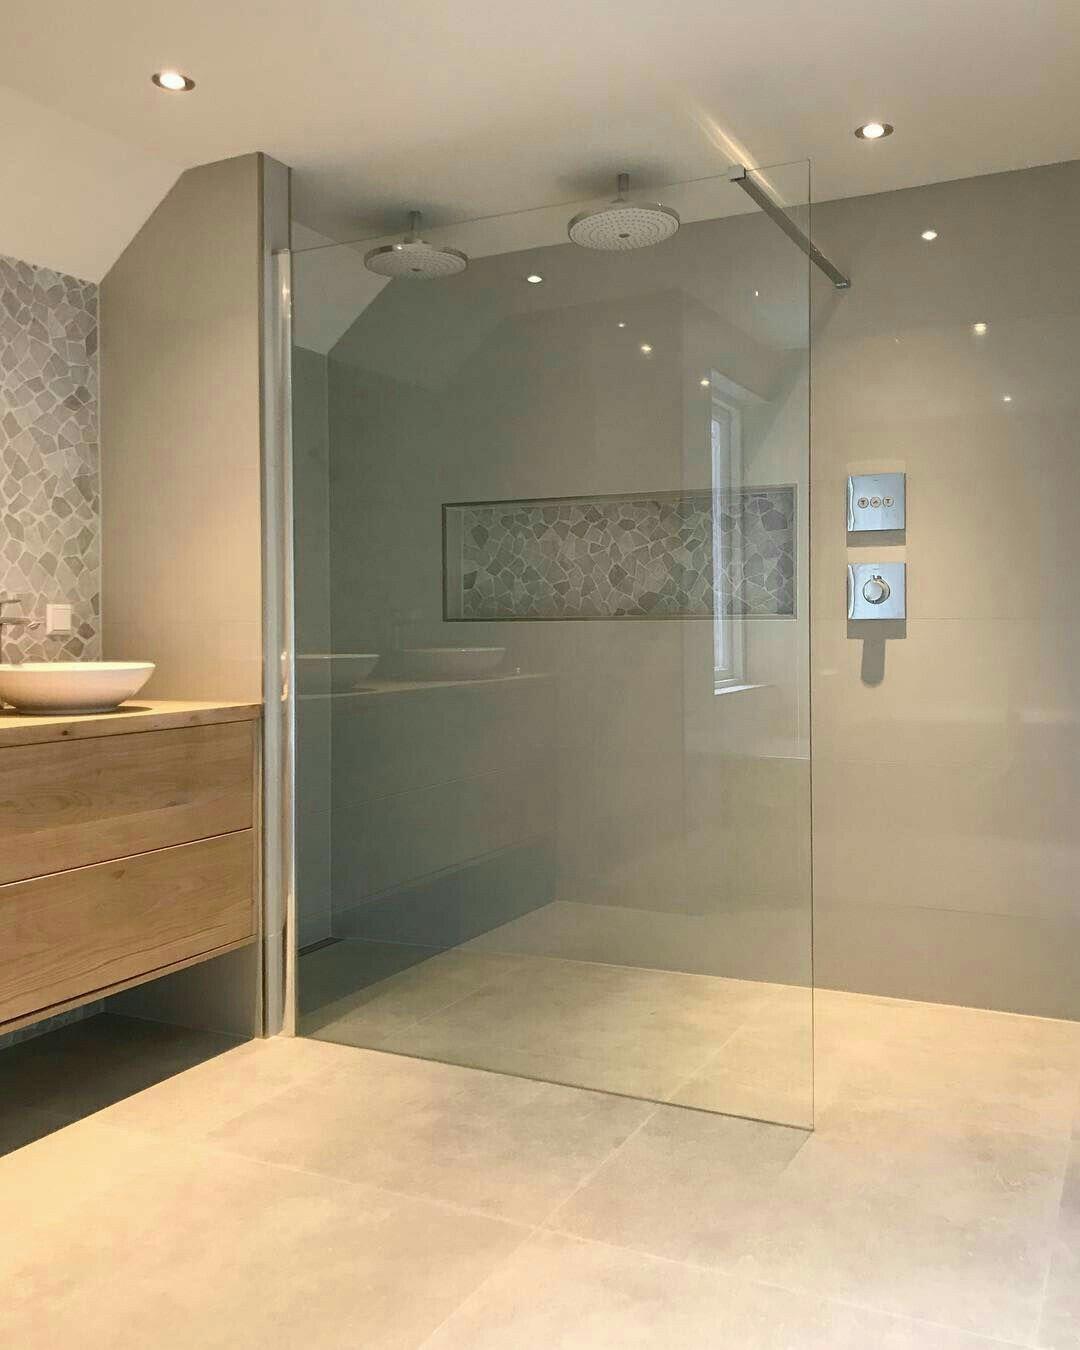 Badezimmer Von Andrea Jungmayer Auf Badezimmer In 2020 Badezimmerideen Badgestaltung